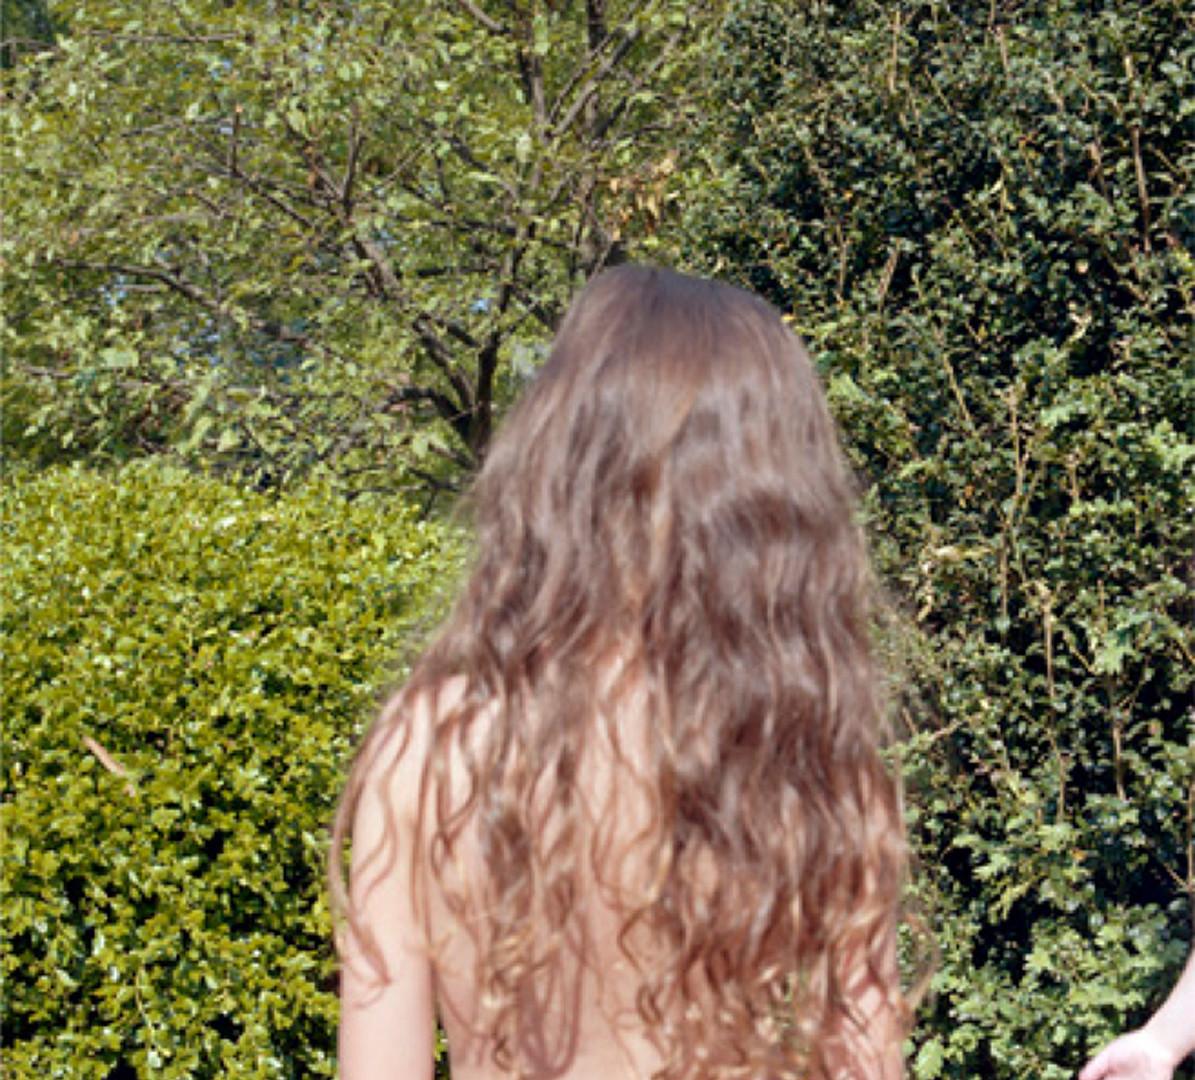 Jocelyn Lee, Untitled (Pearl's hair in Mom's garden), 2008